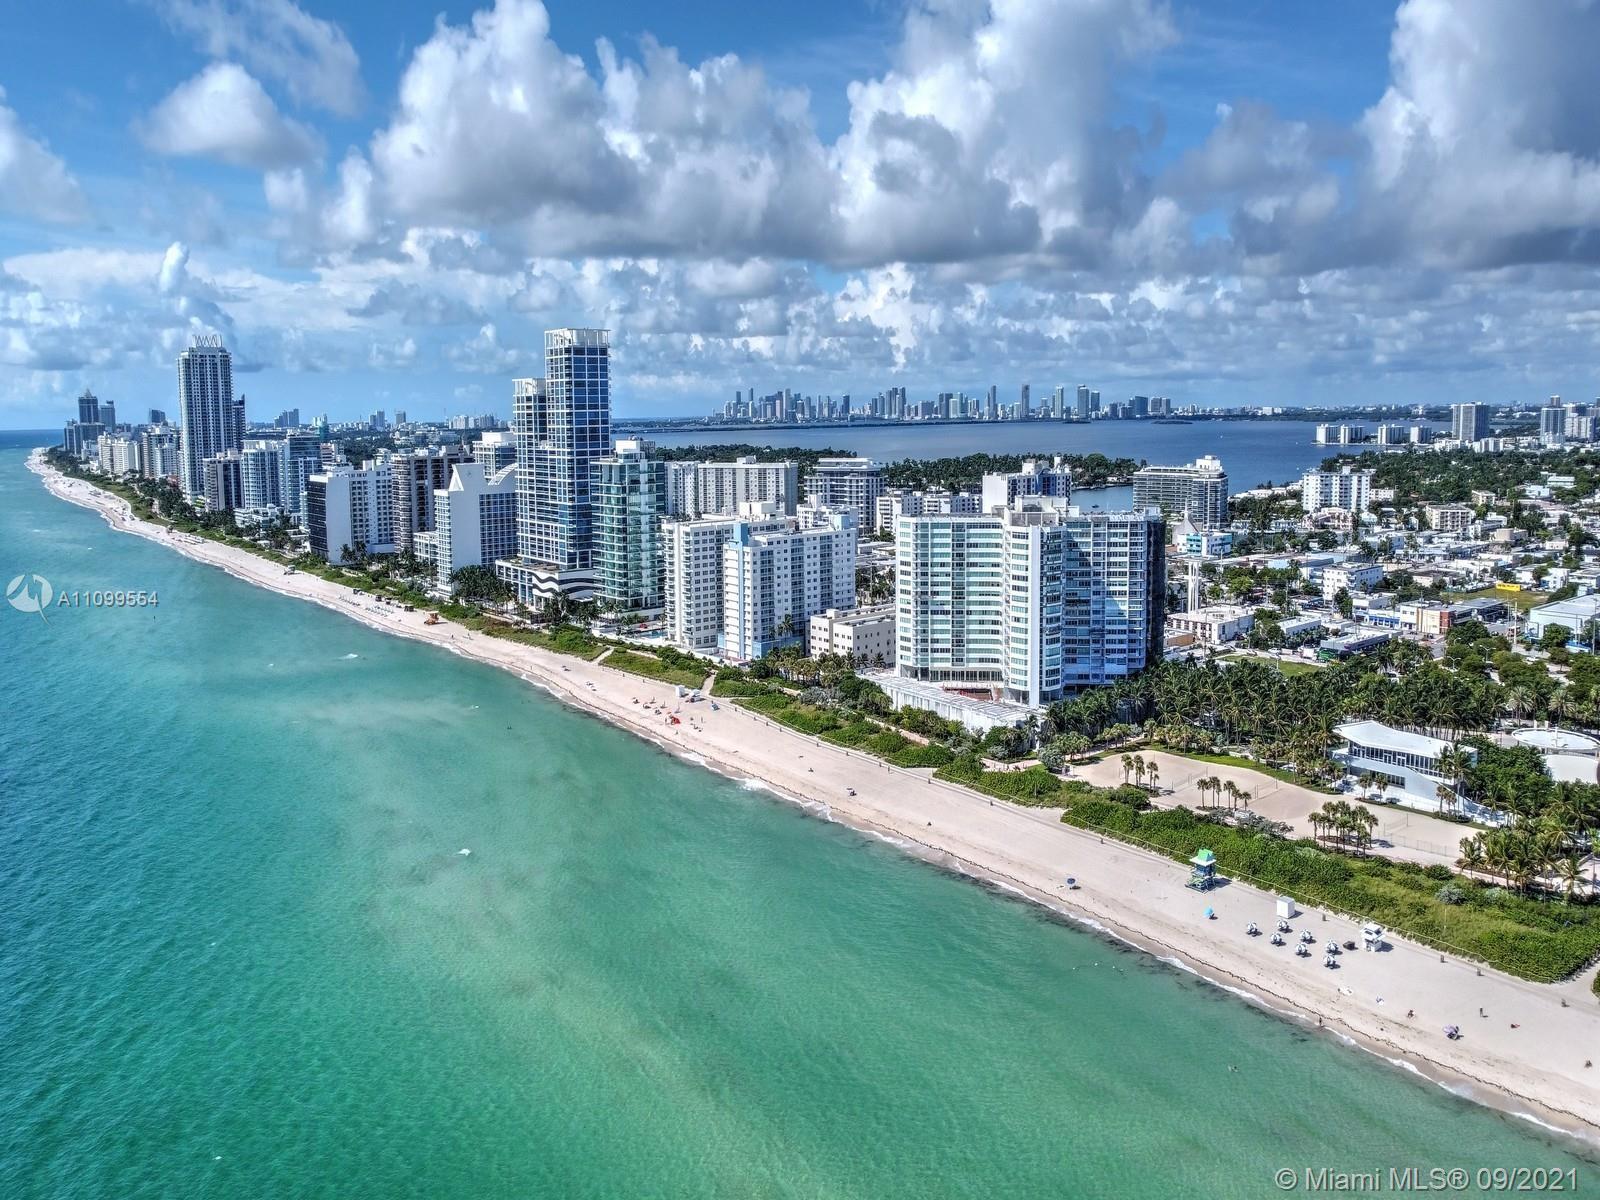 7135 Collins Ave Unit 605, Miami Beach, Florida 33141